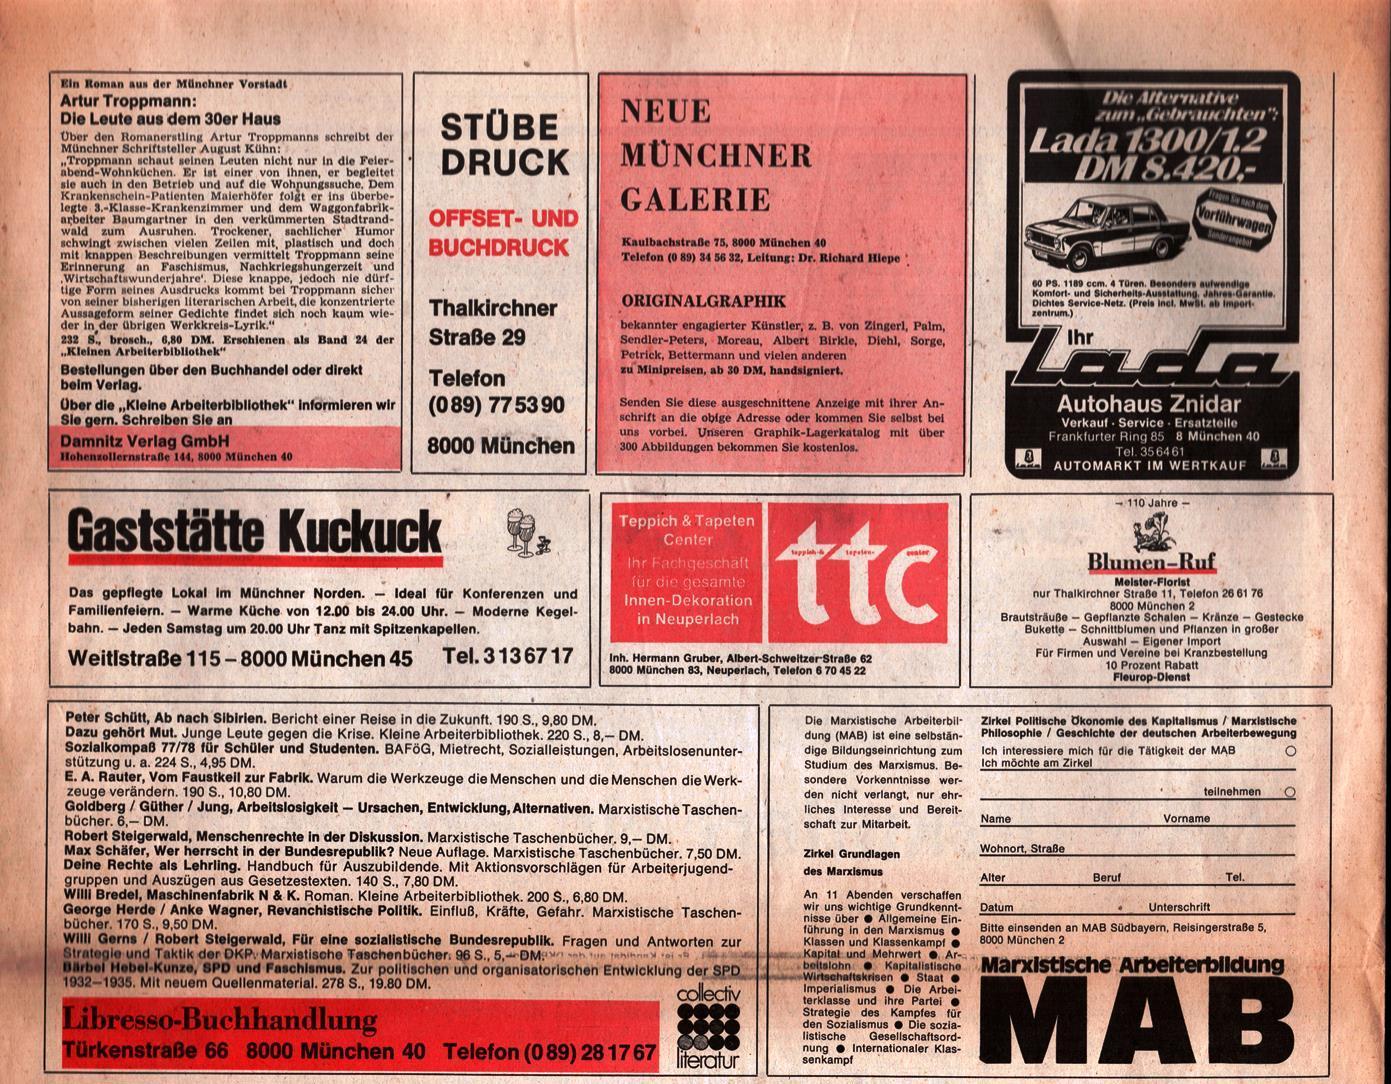 Muenchen_DKP_Neues_Muenchen_19780100_001_011